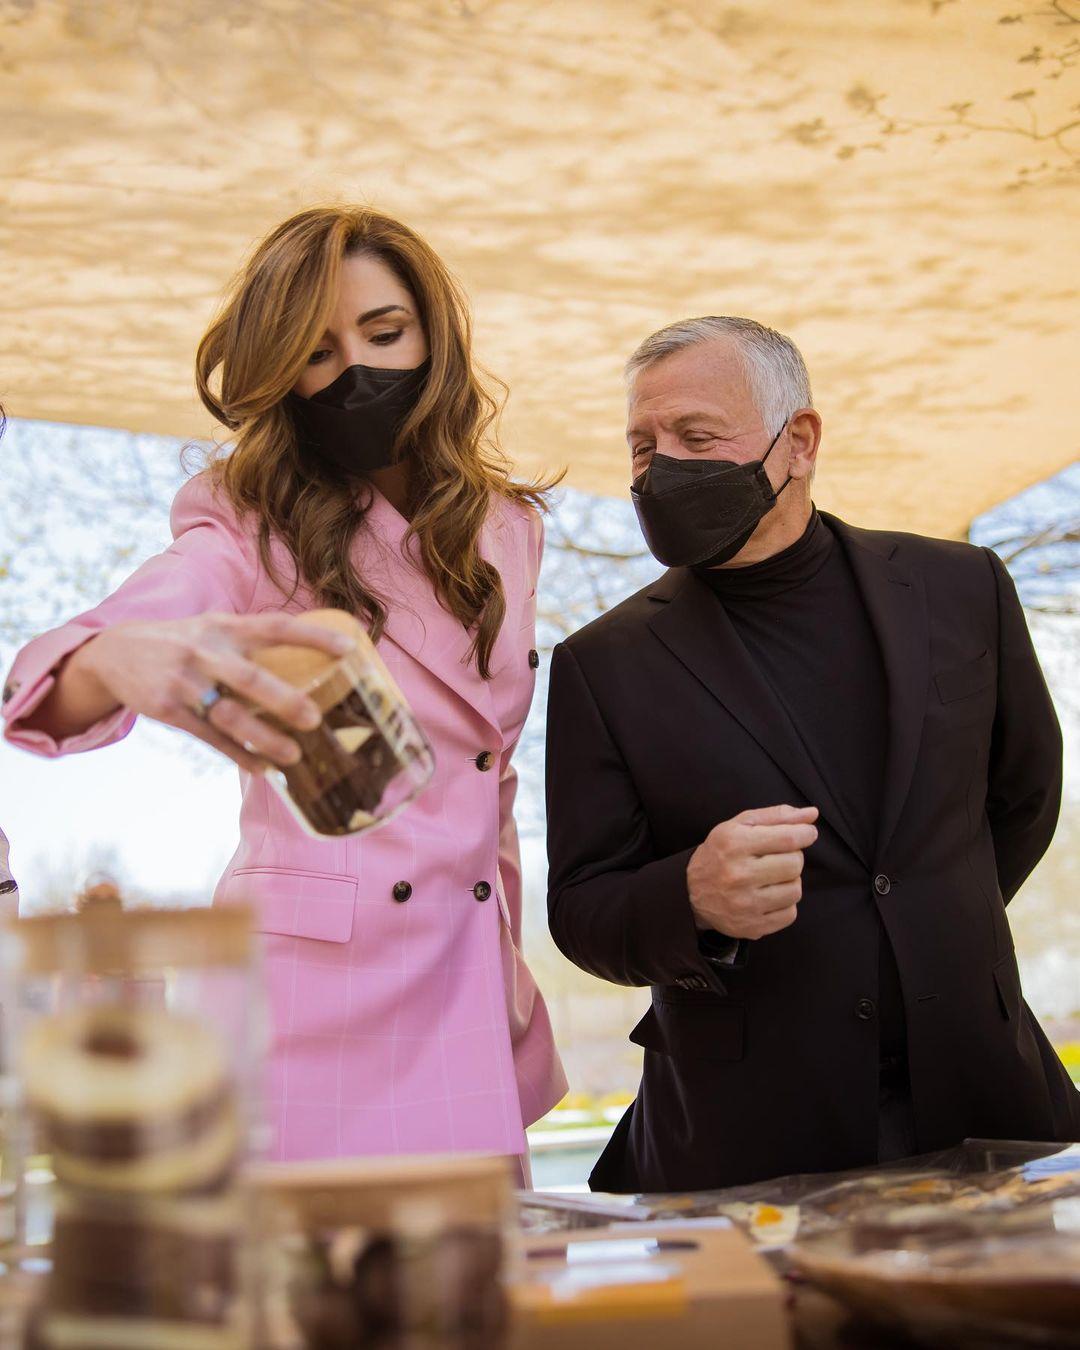 Королева Иордании в розовом двубортном пиджаке